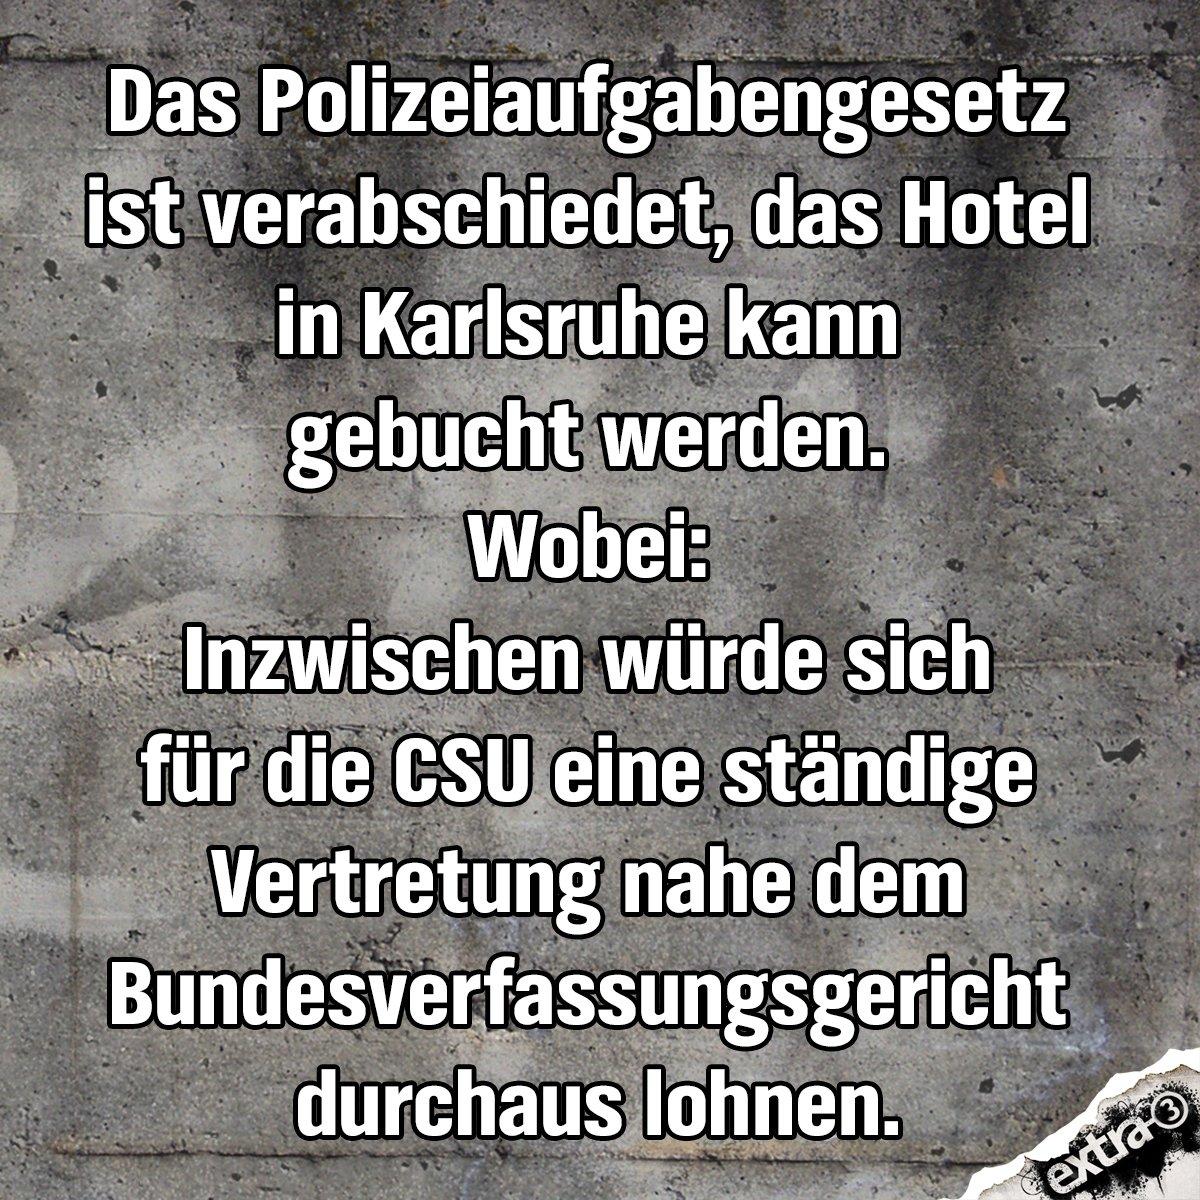 extra3's photo on #Polizeiaufgabengesetz